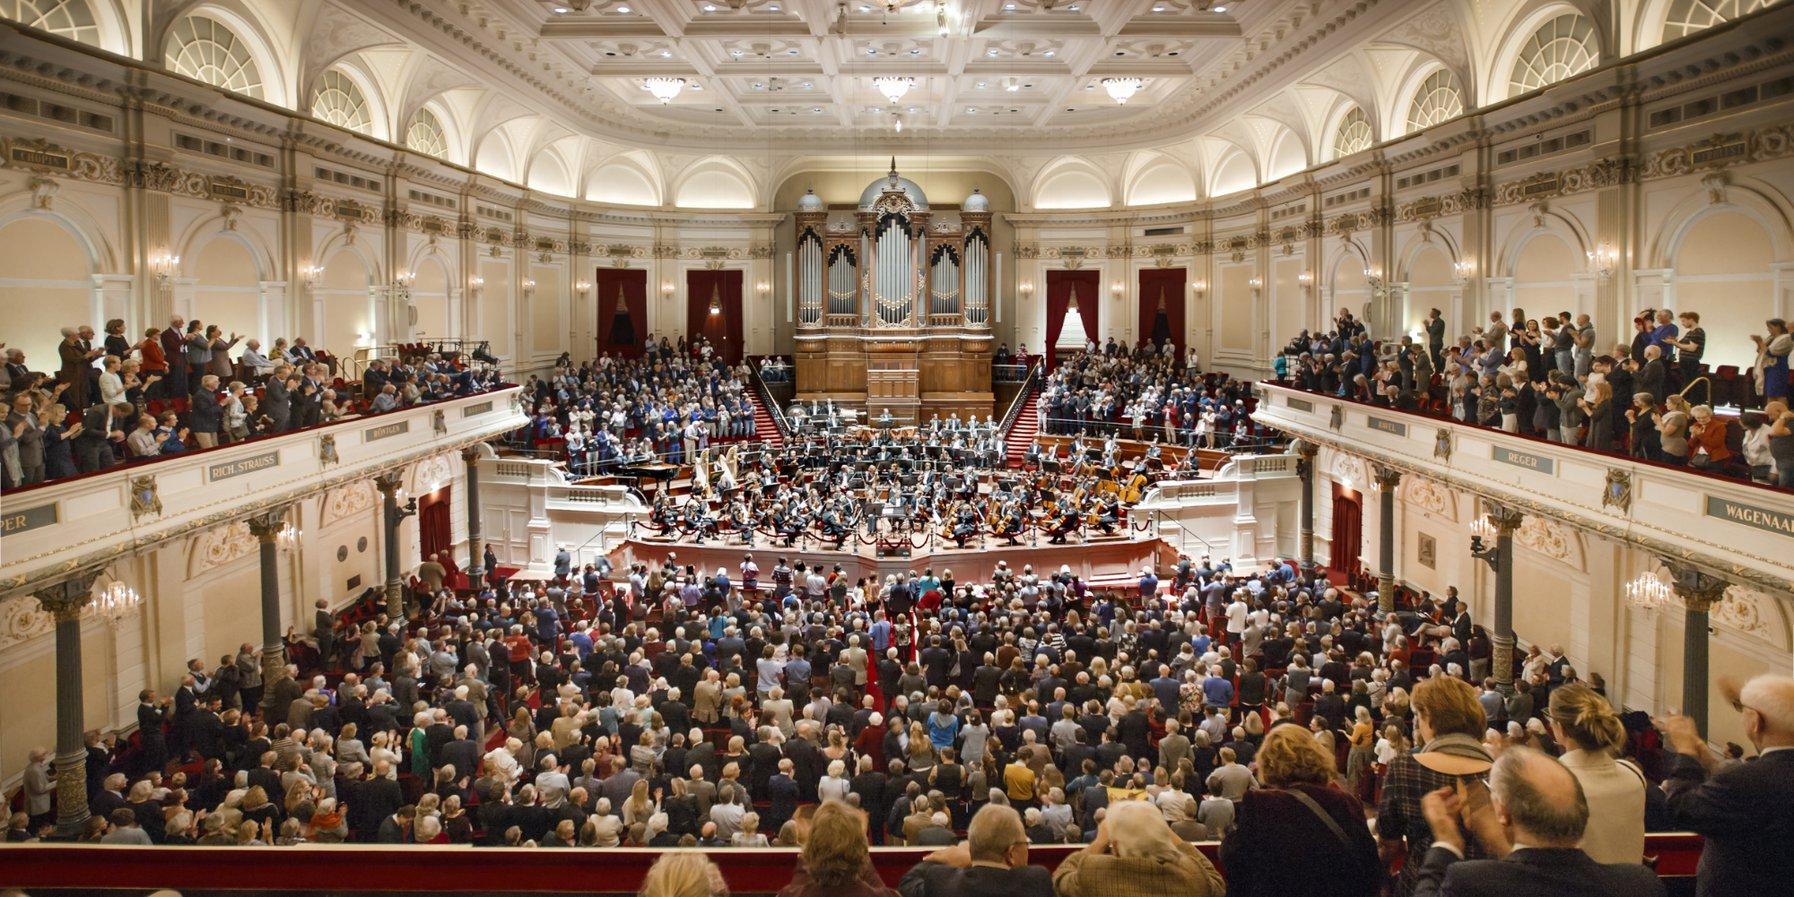 Het Concertgebouw, Grote Zaal